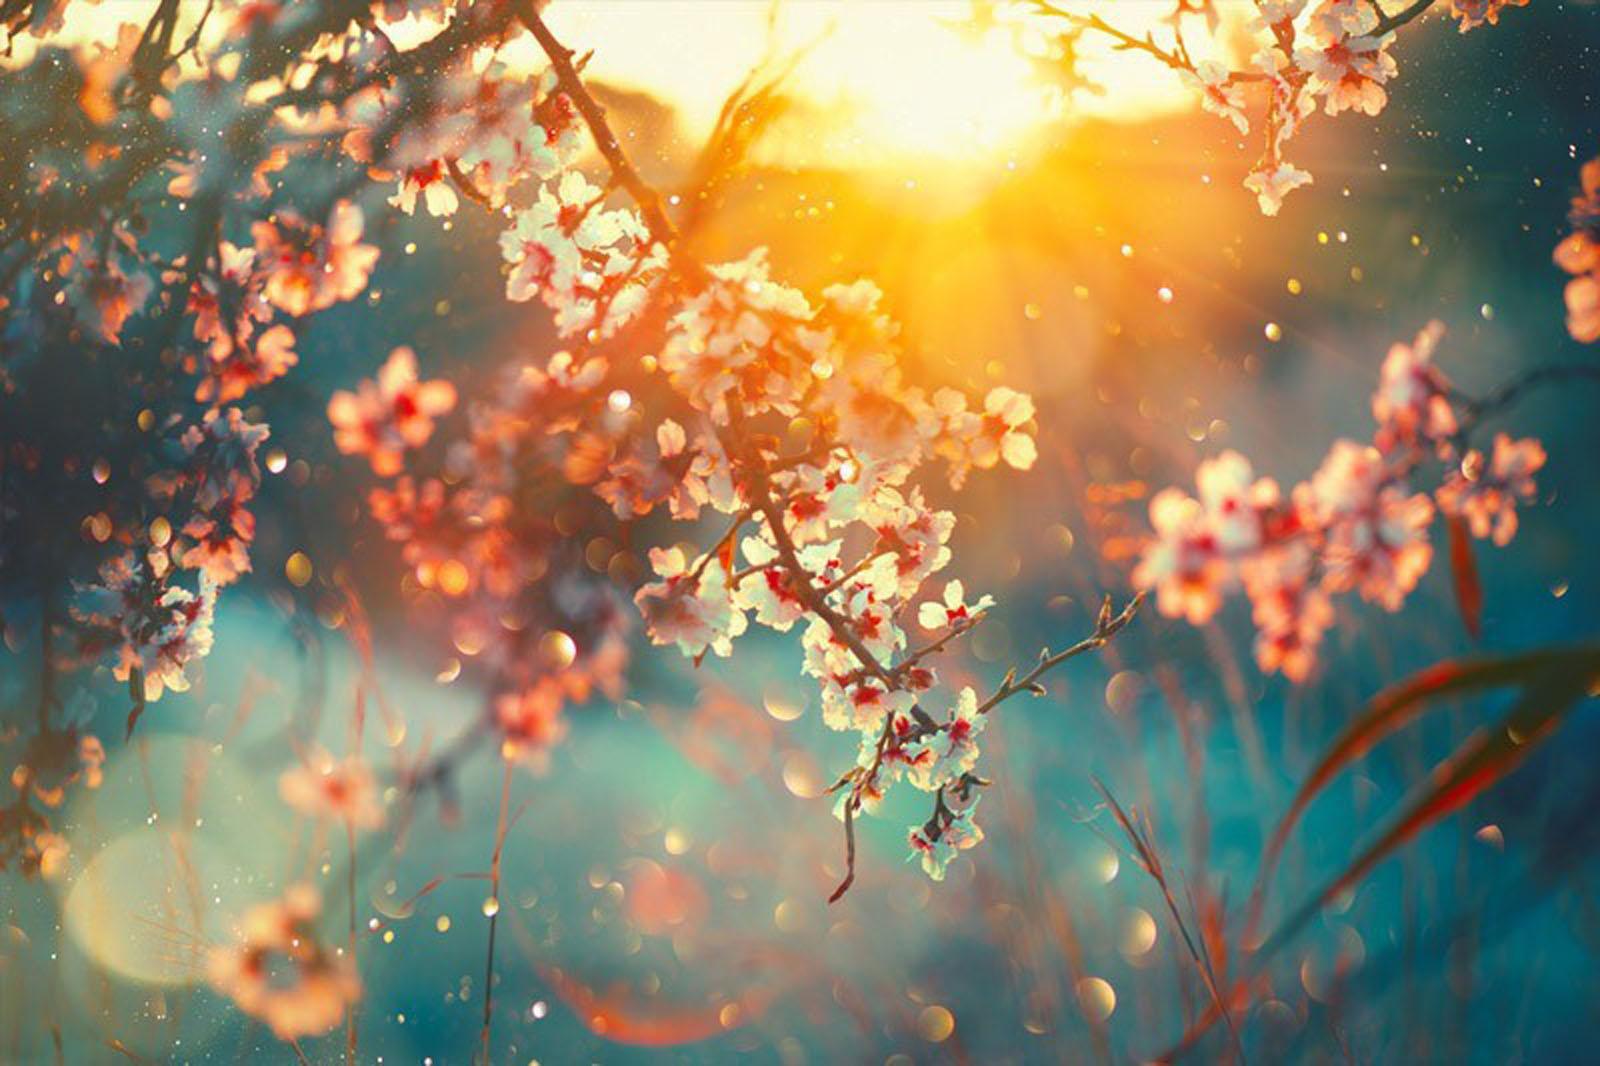 Spring Blossom Image